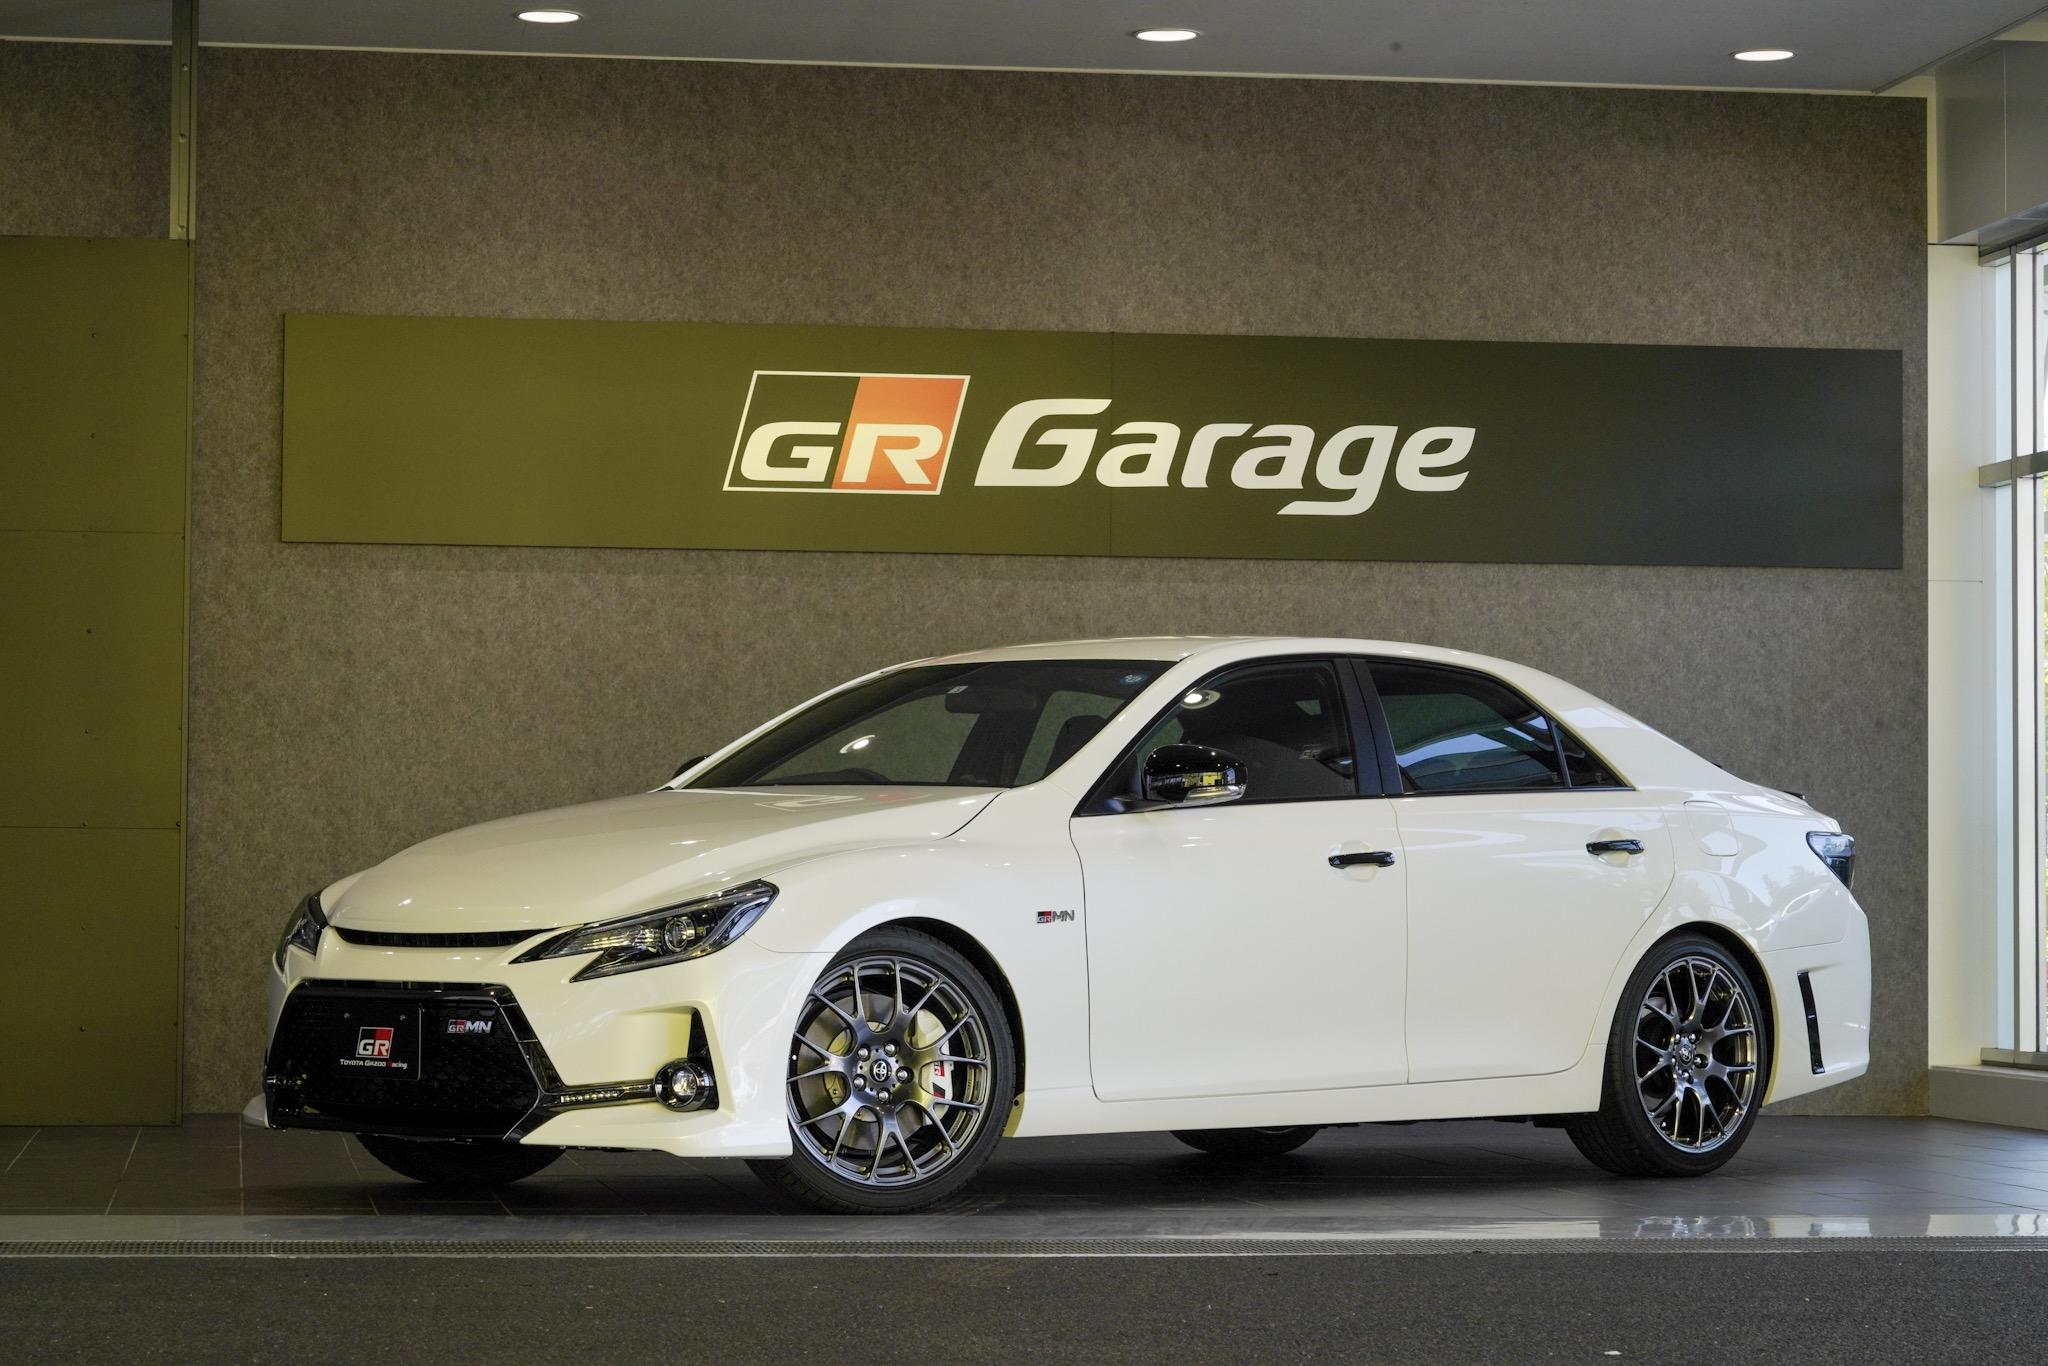 GR Garage 東京三鷹